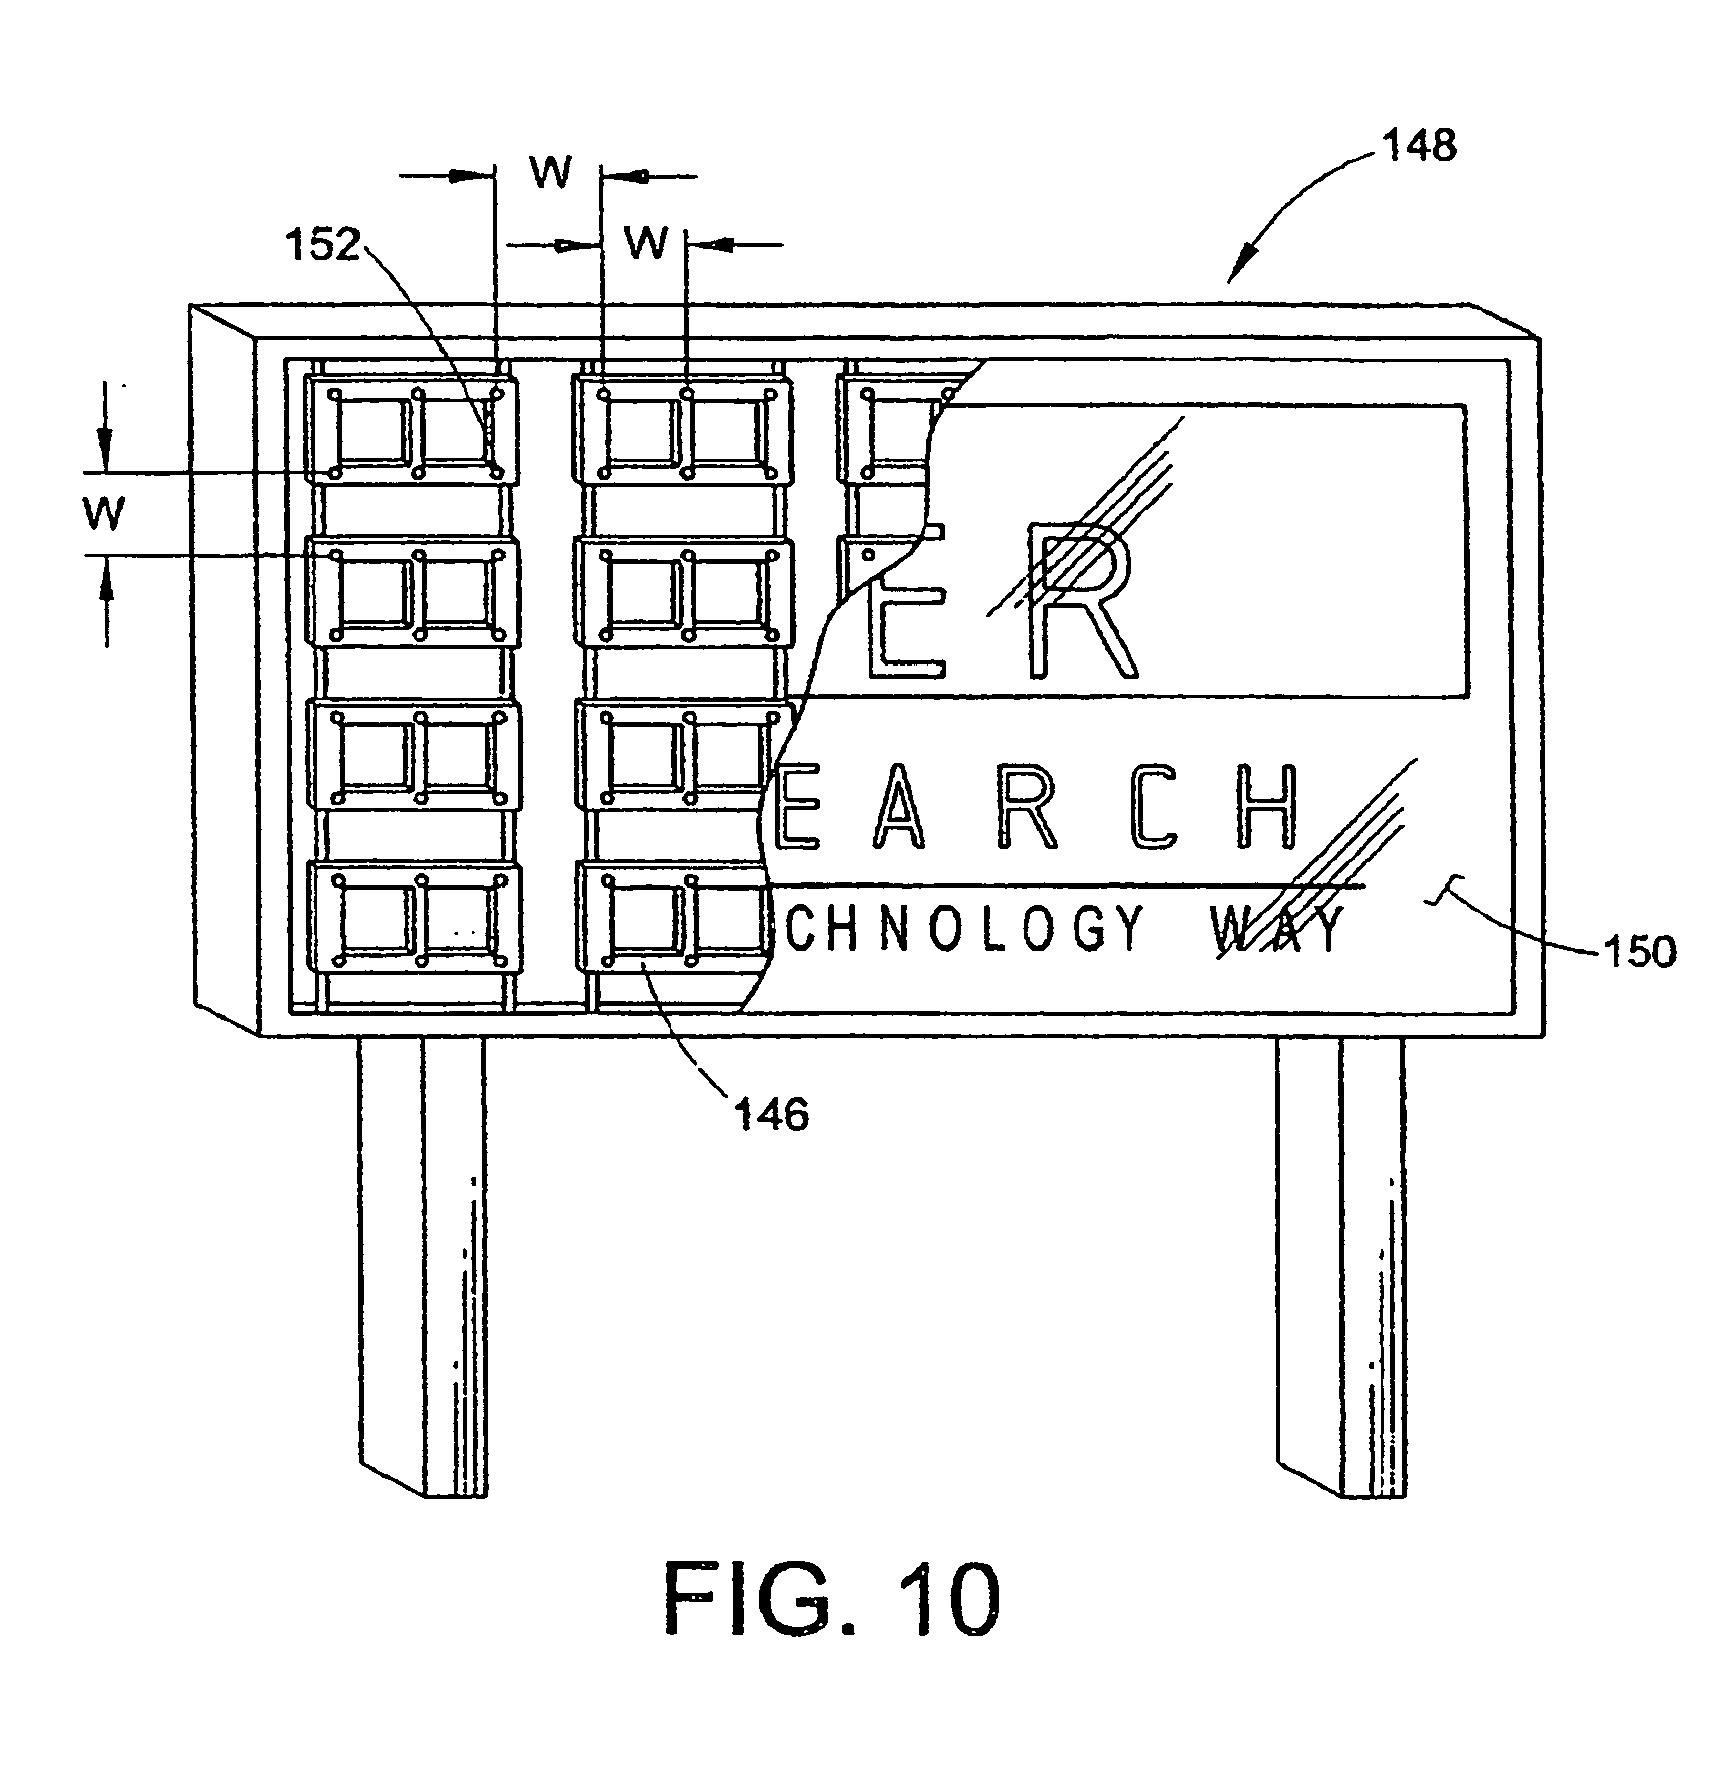 patent ep2110802b1 led leuchterzeuger und verfahren zur beleuchtung eines schilds google. Black Bedroom Furniture Sets. Home Design Ideas